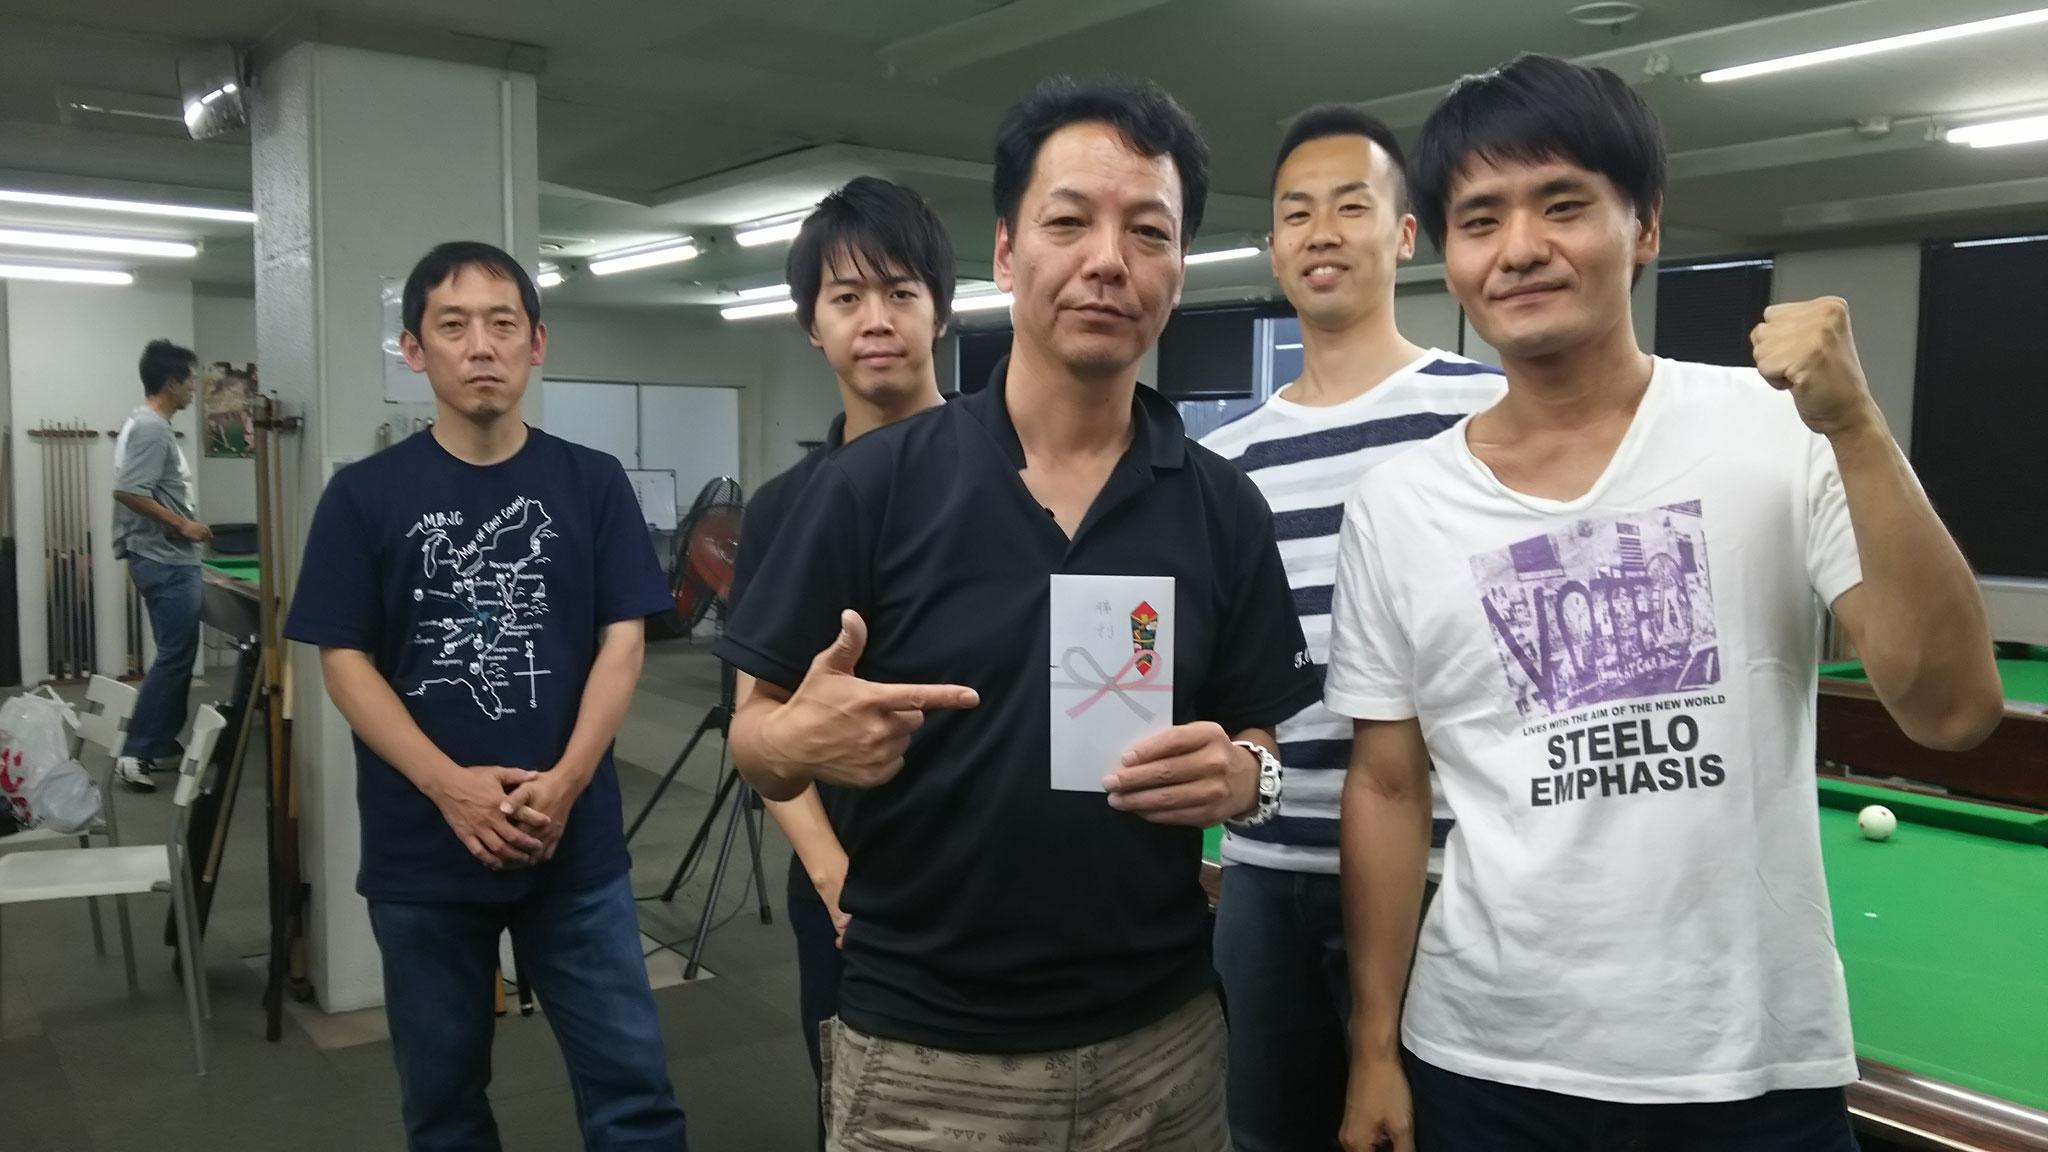 左から、鈴木さん、高畑さん、奥田さん、和巻さん、竹原さん、勝利チーム賞ゲット!